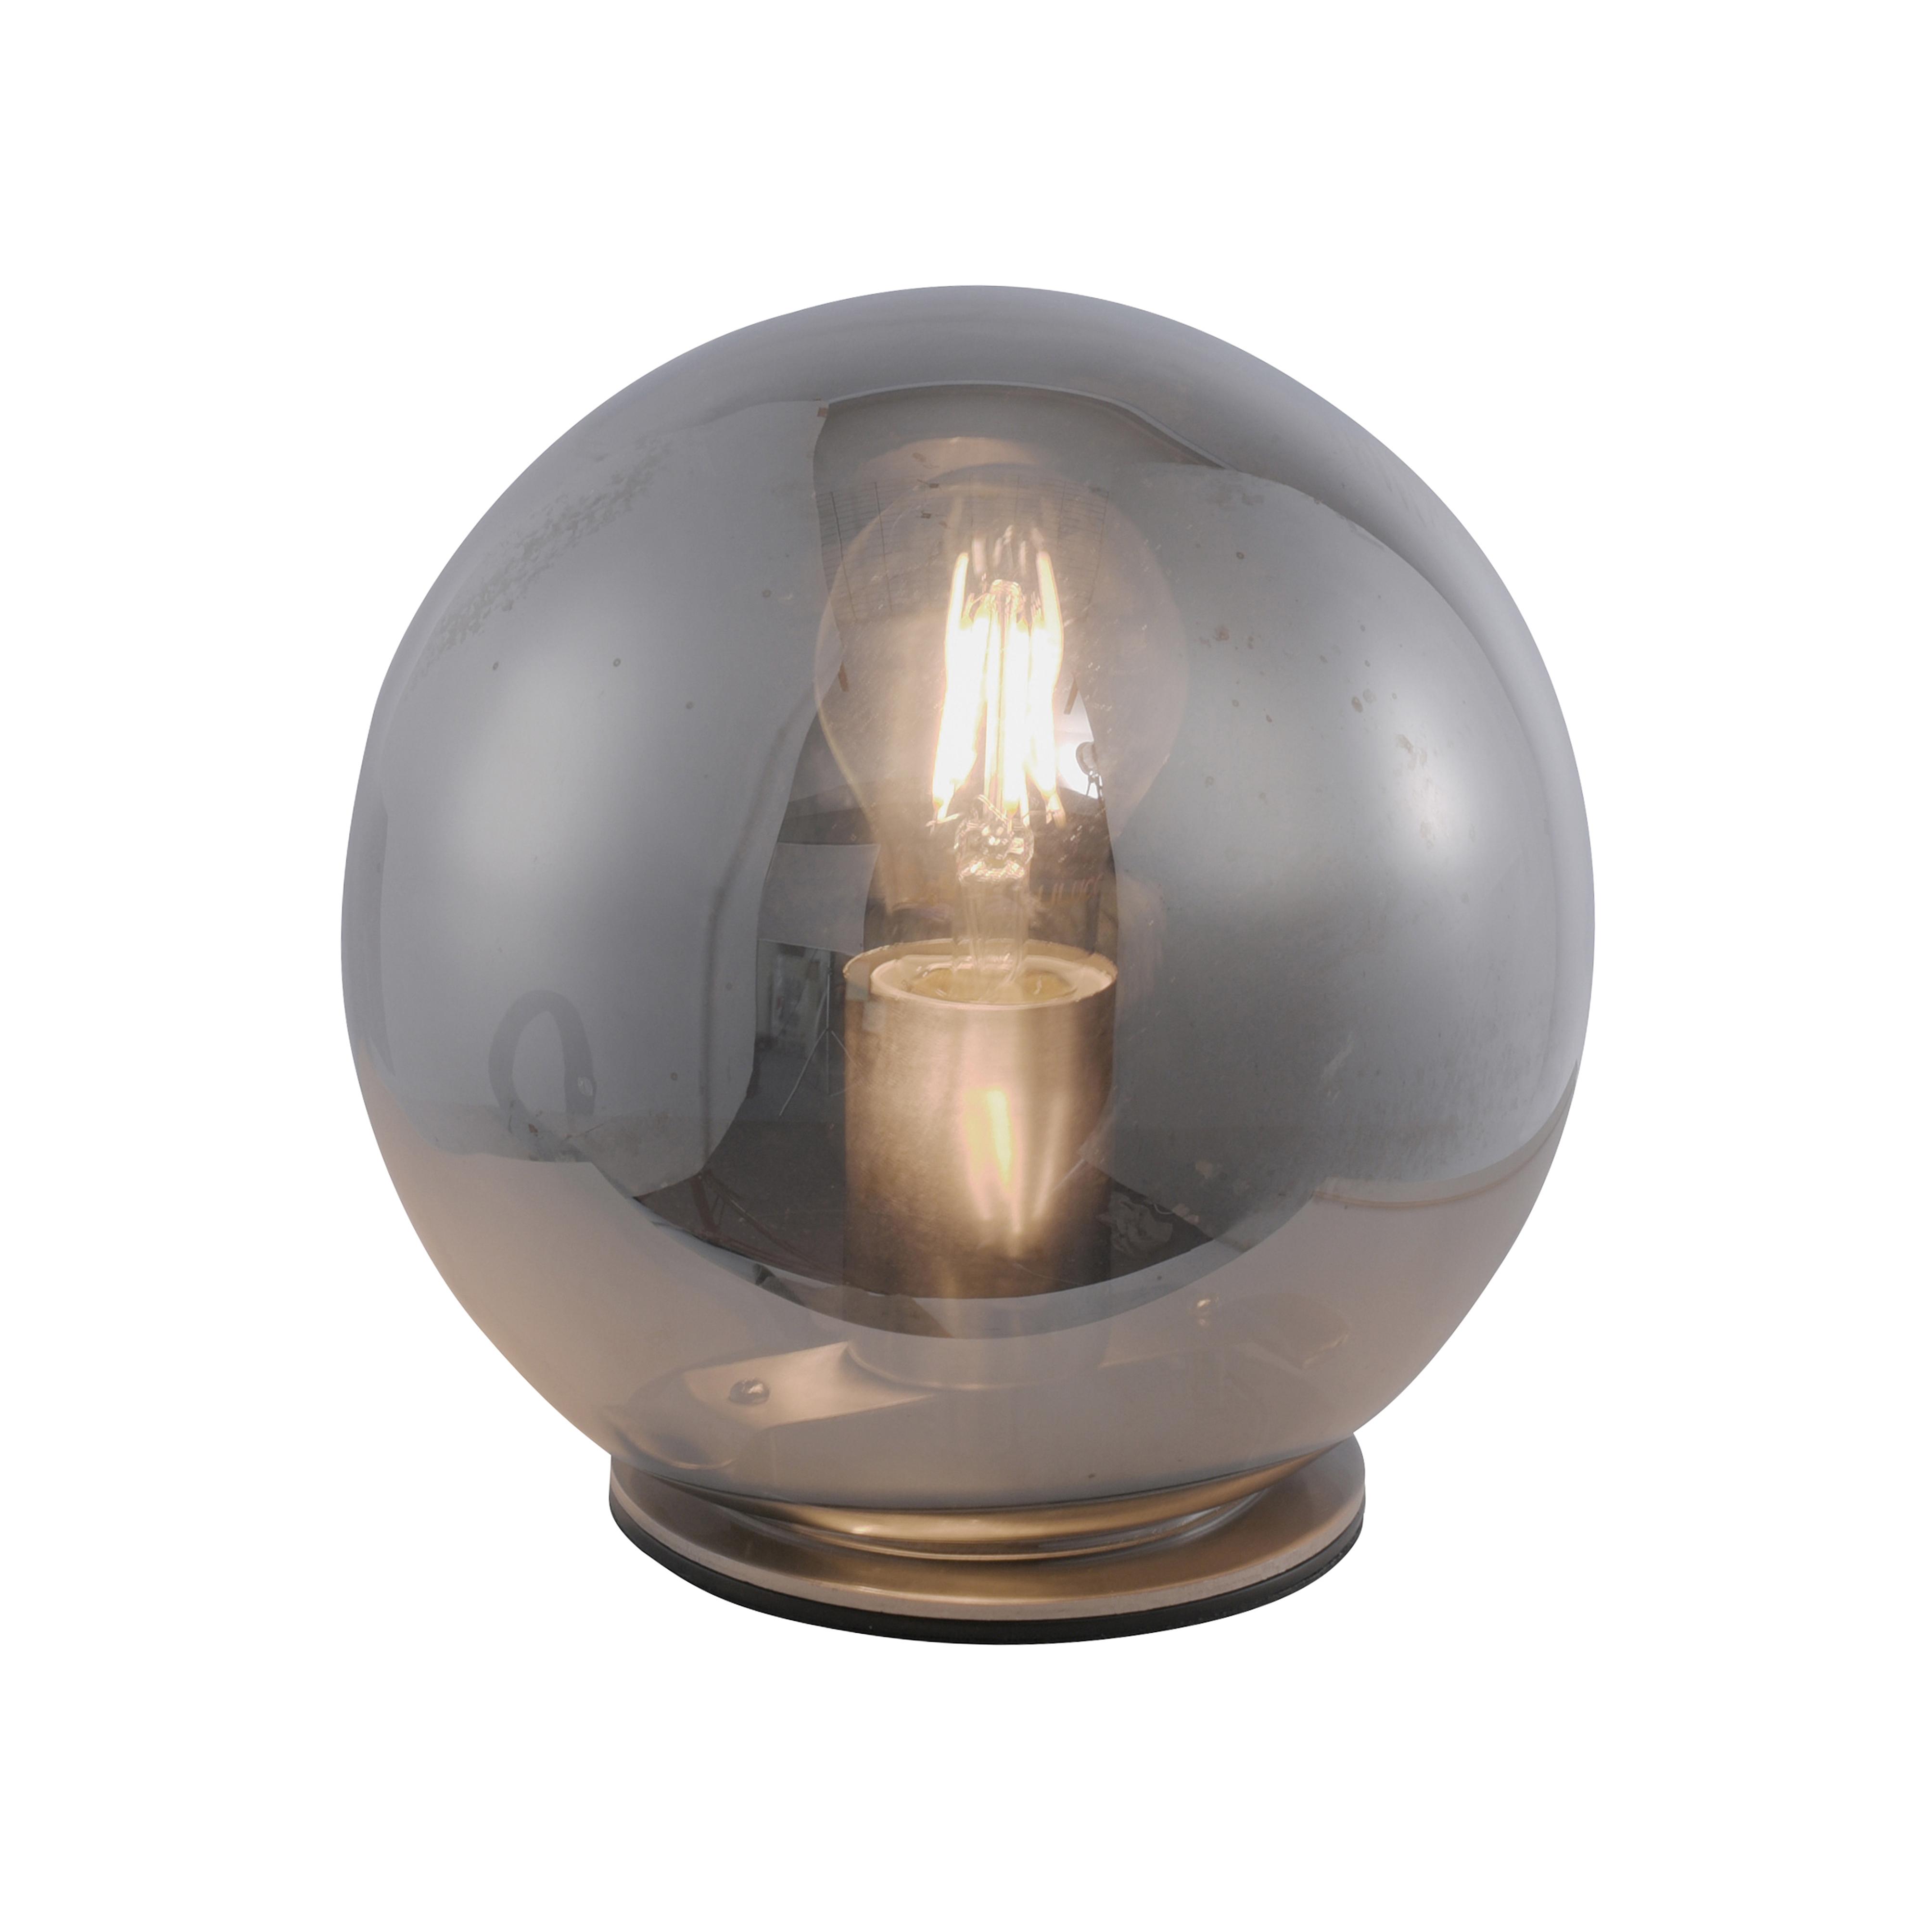 Art deco tafellamp staal met smoke glas 20 cm - Pallot